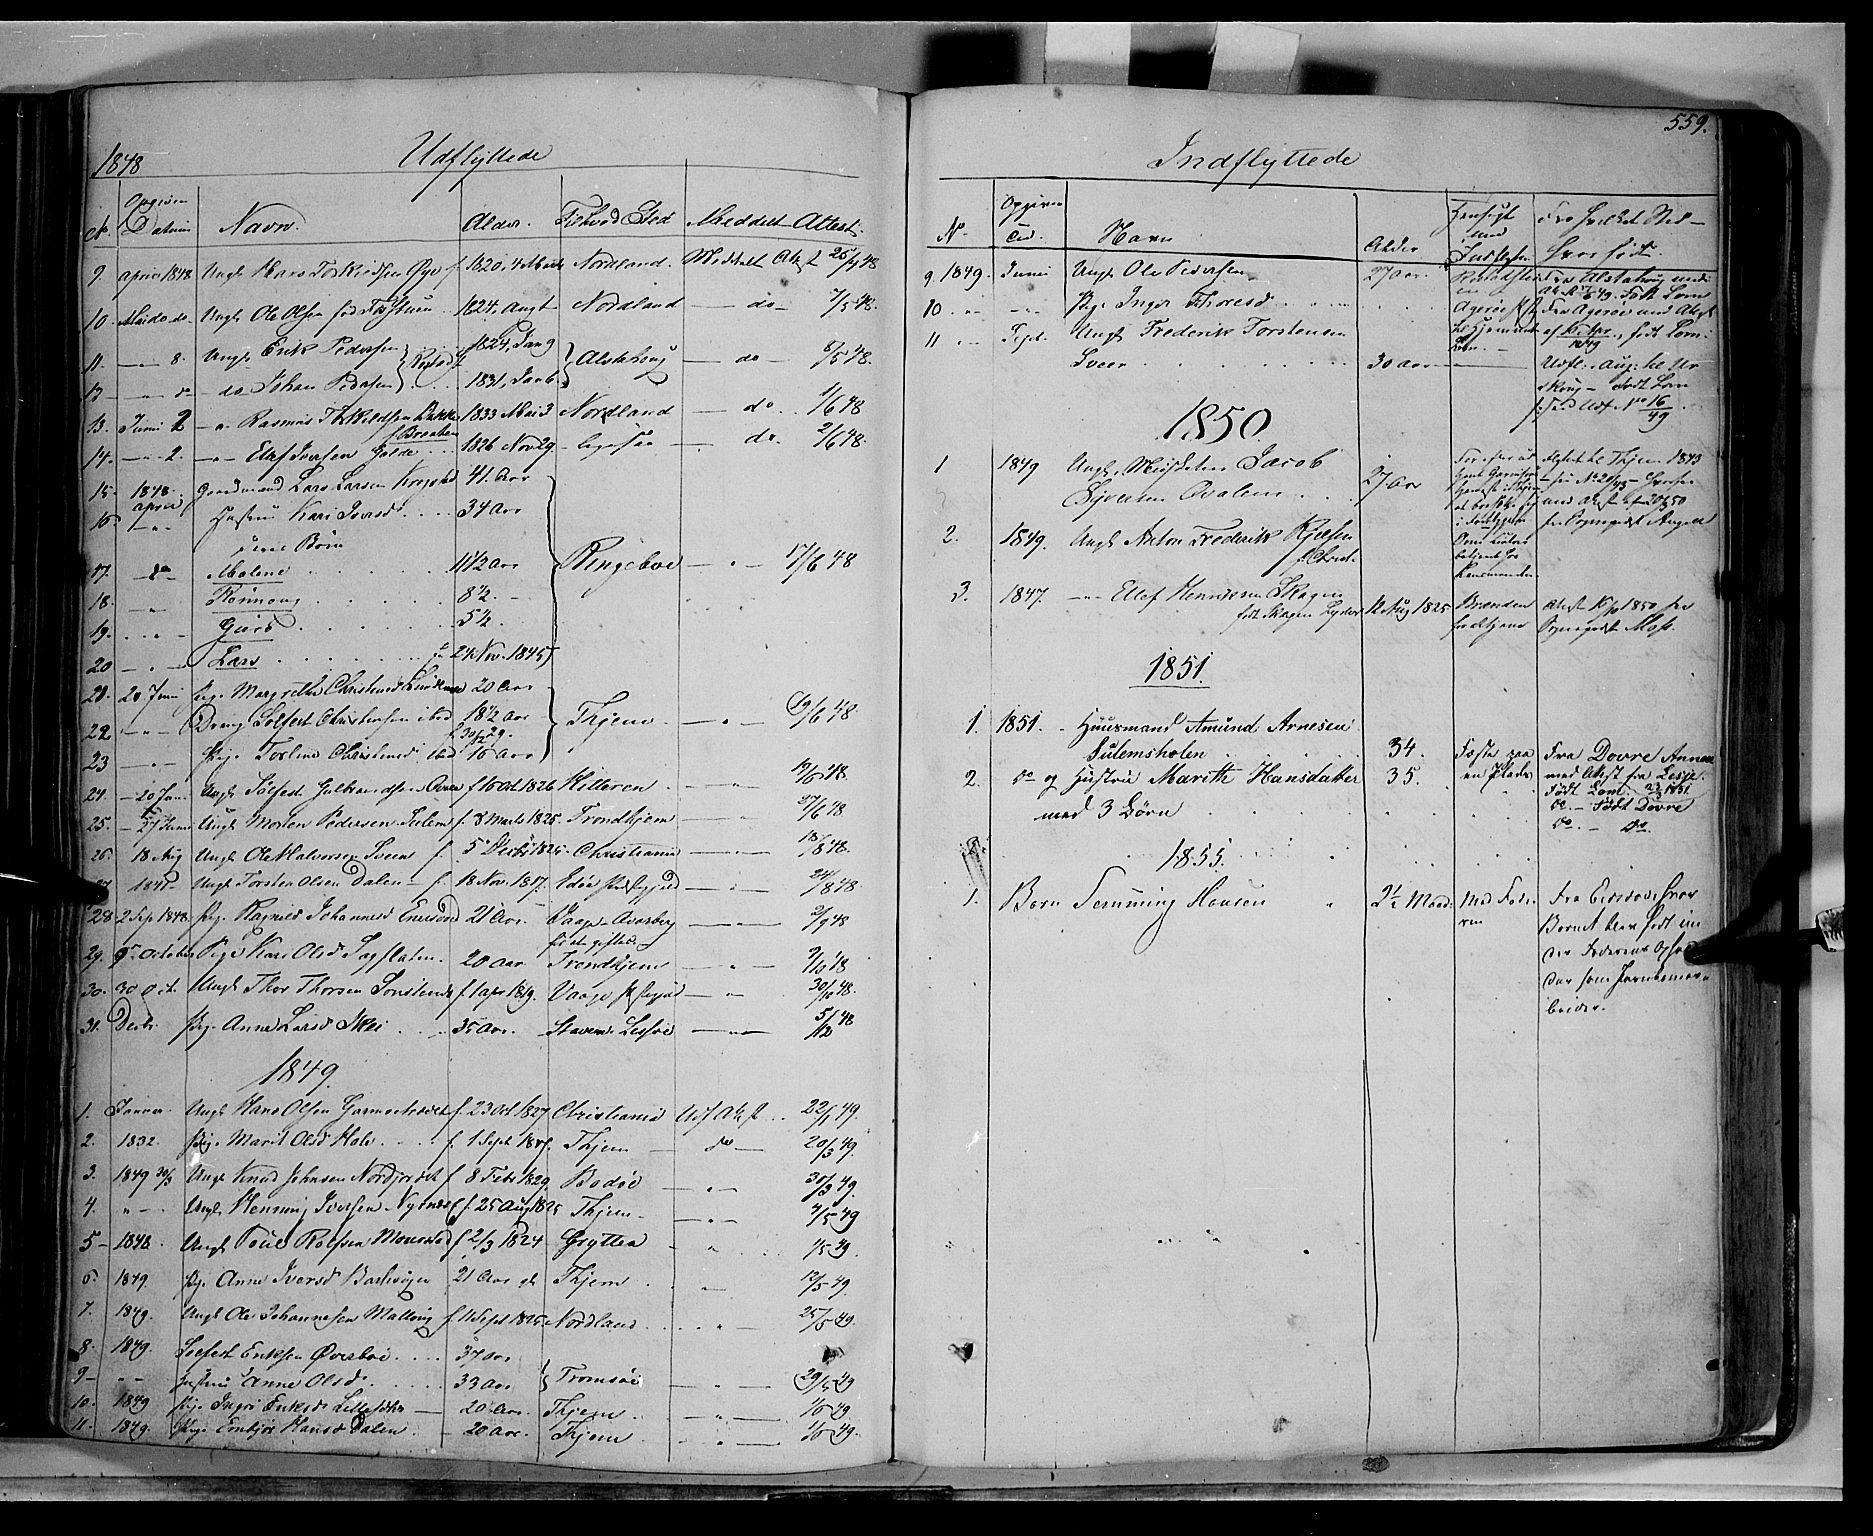 SAH, Lom prestekontor, K/L0006: Ministerialbok nr. 6B, 1837-1863, s. 559